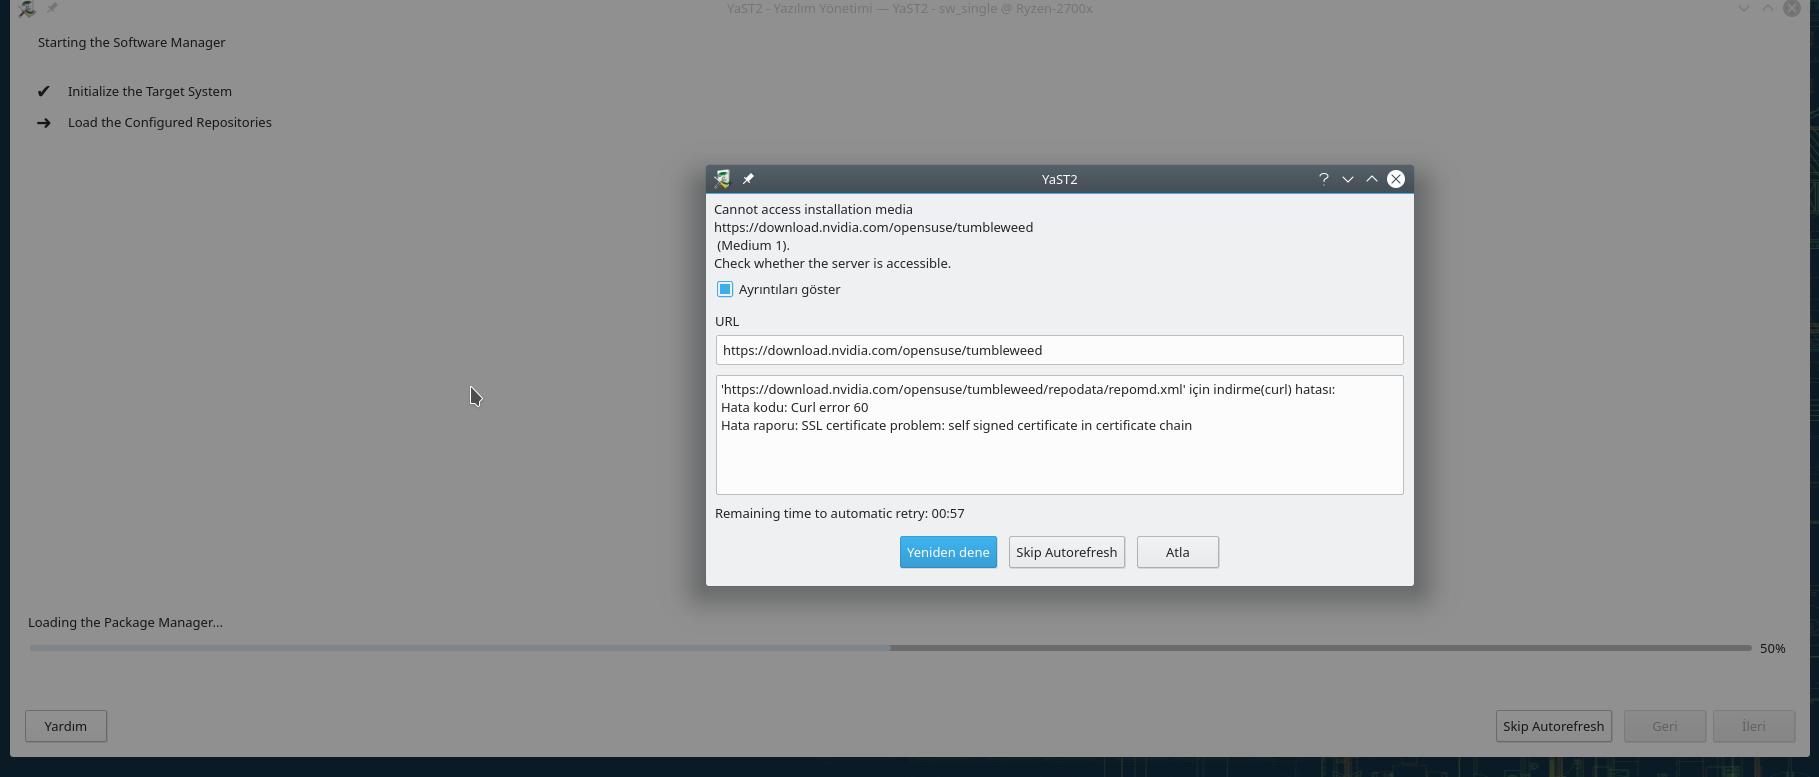 OpenSUSE'ye Nasıl Nvidia Driverı Kurulur? - openSUSE Türkiye